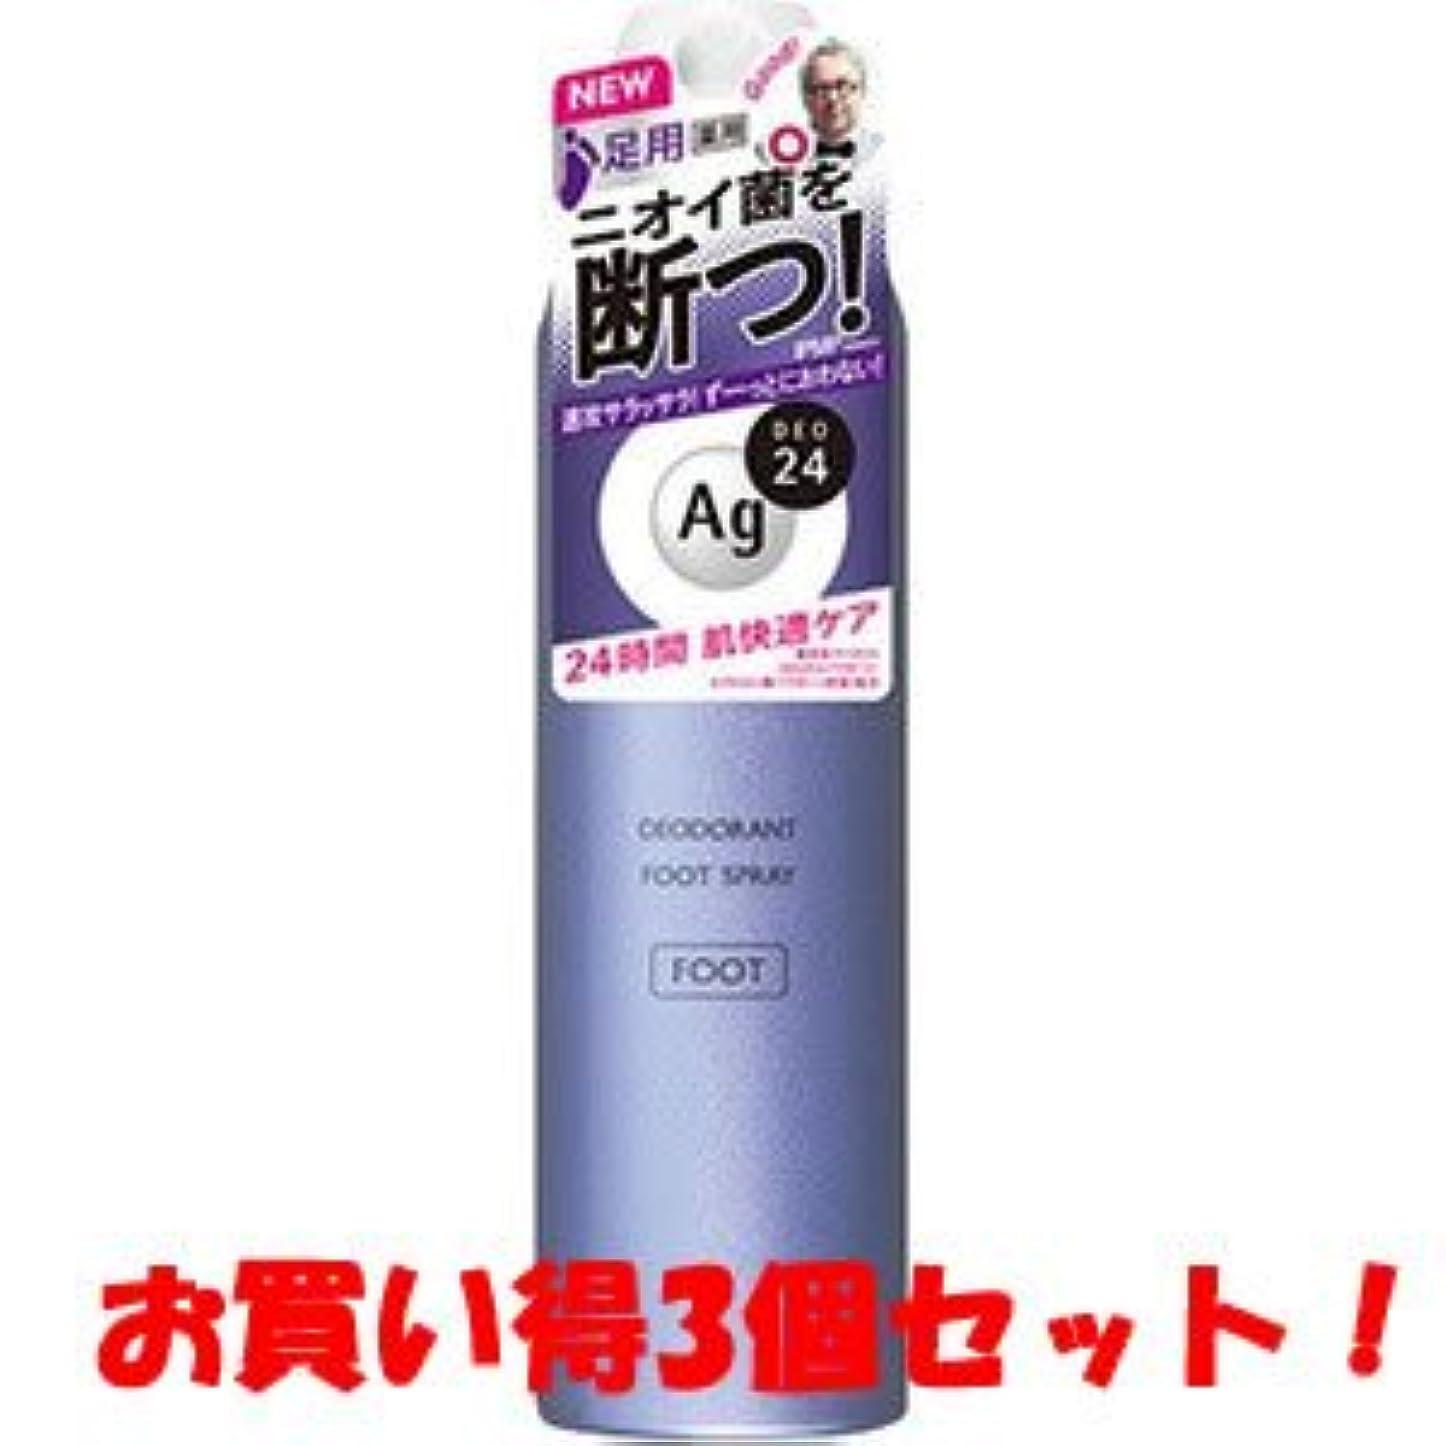 無許可お別れ辞任(資生堂)Agデオ24 フットスプレーh 142g(医薬部外品)(お買い得3個セット)